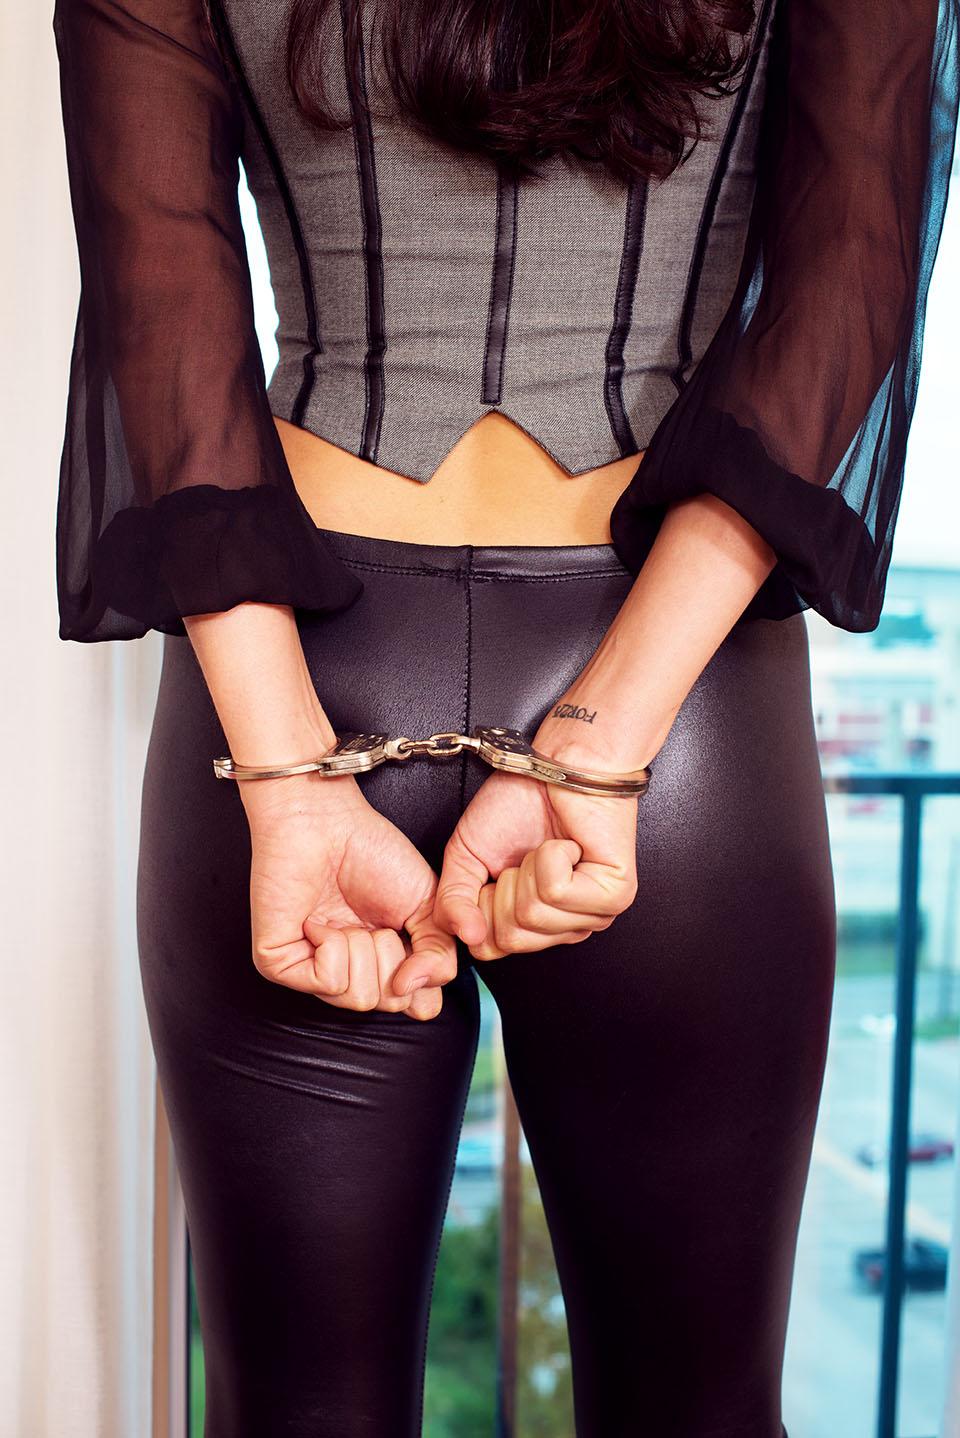 Women handcuffs leg irons bondage removed